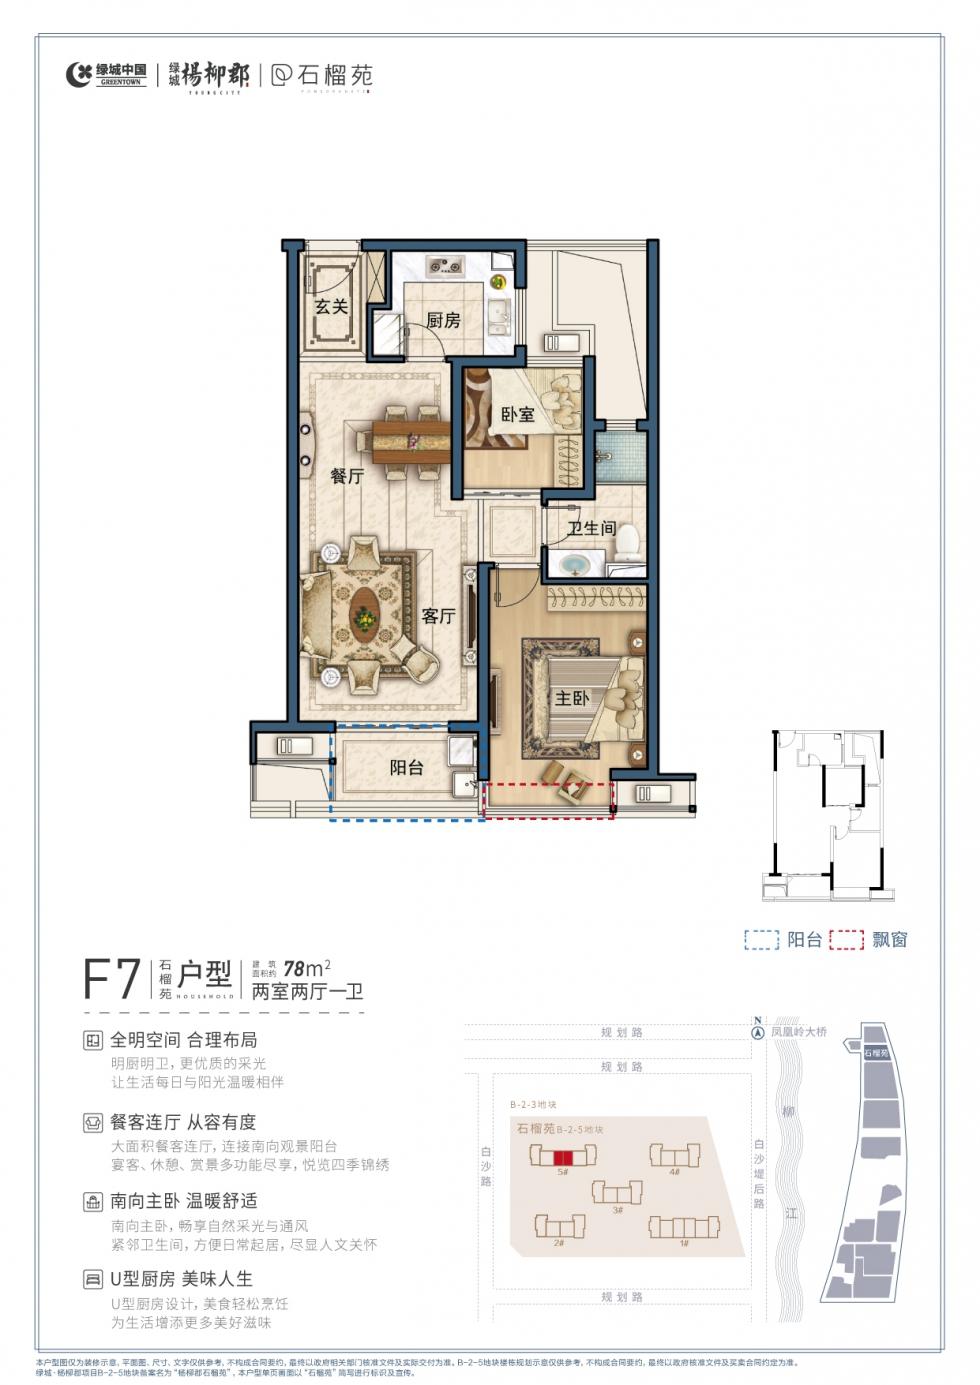 20201229 石榴苑户型单页-19(1).jpg